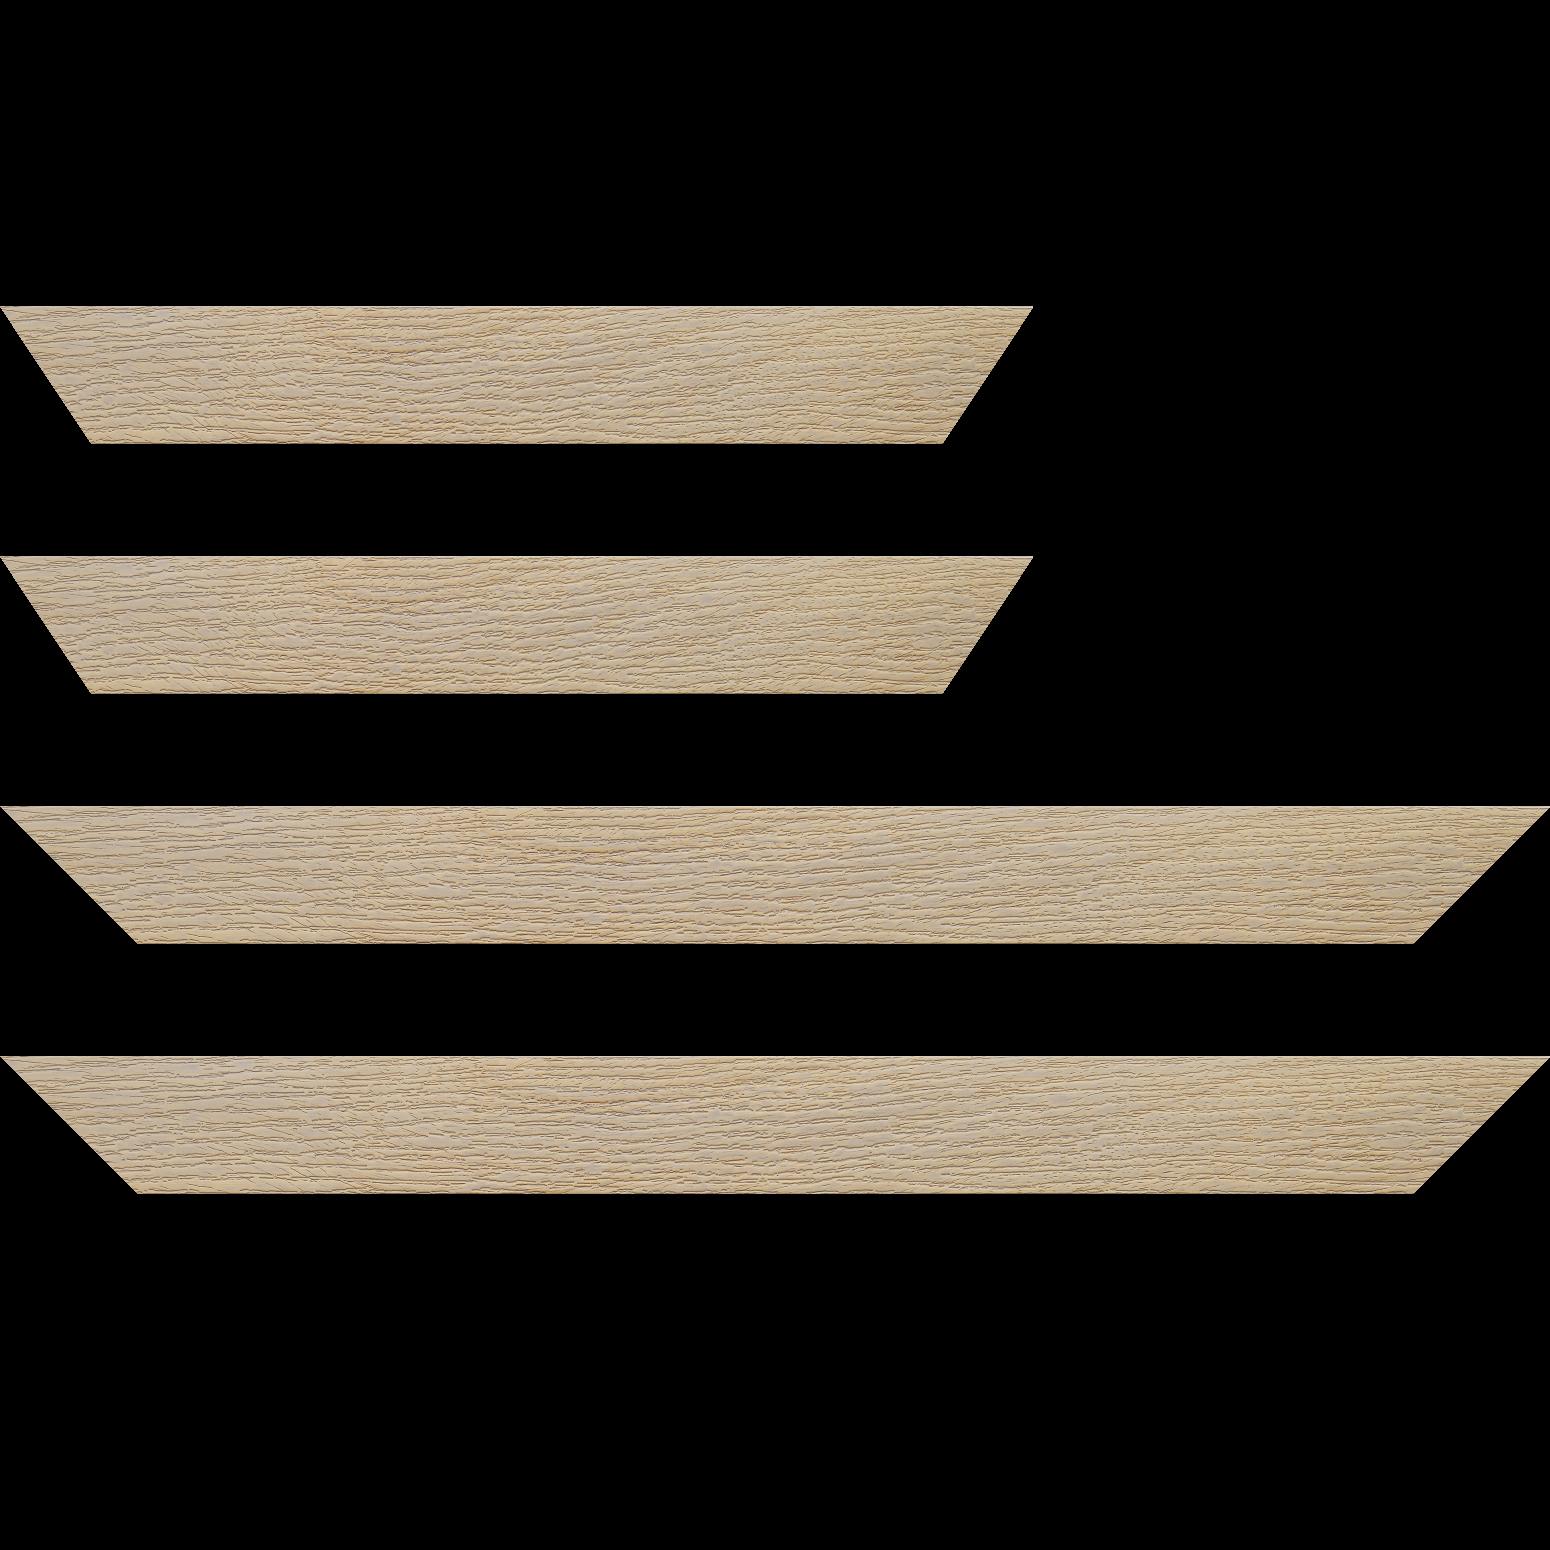 Baguette service précoupé Bois profil plat largeur 4.4cm couleur naturel blanchie finition veiné